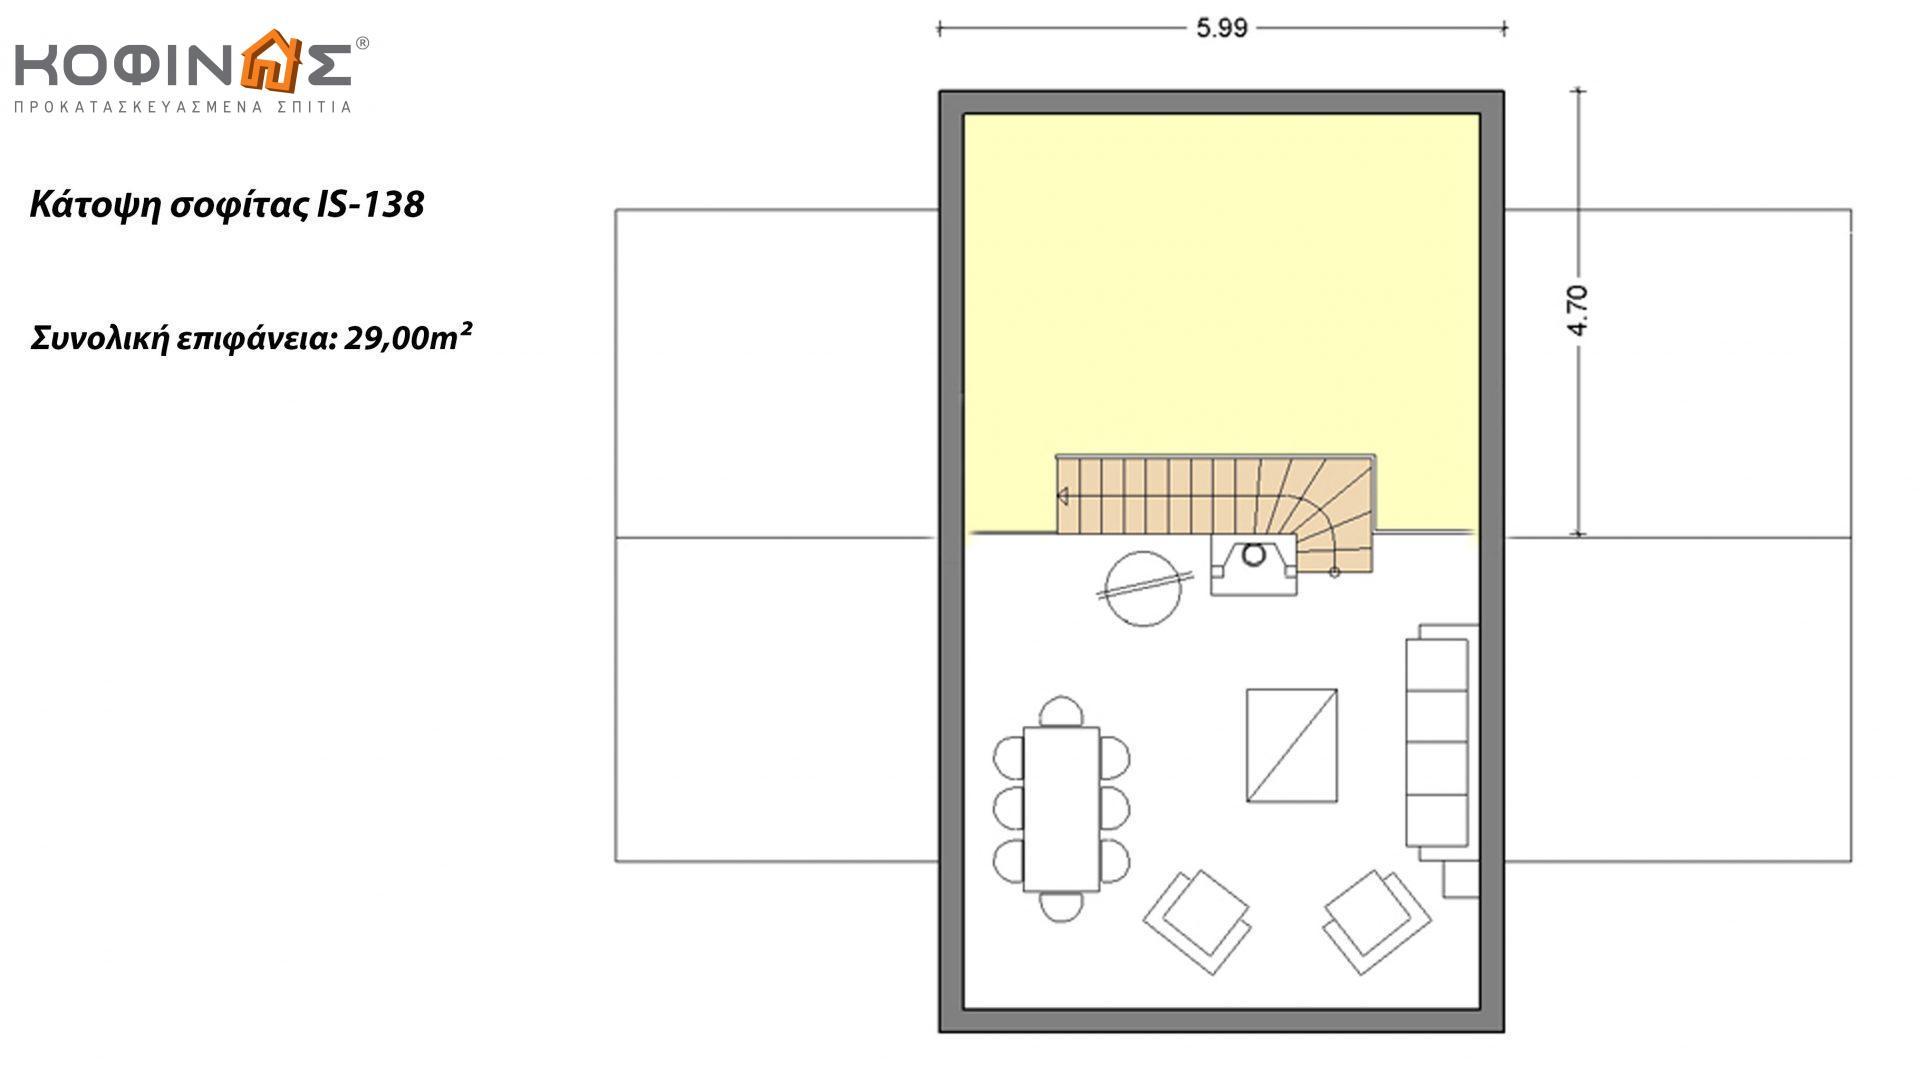 Ισόγεια Κατοικία με Σοφίτα IS-138, συνολικής επιφάνειας 138,30 τ.μ.